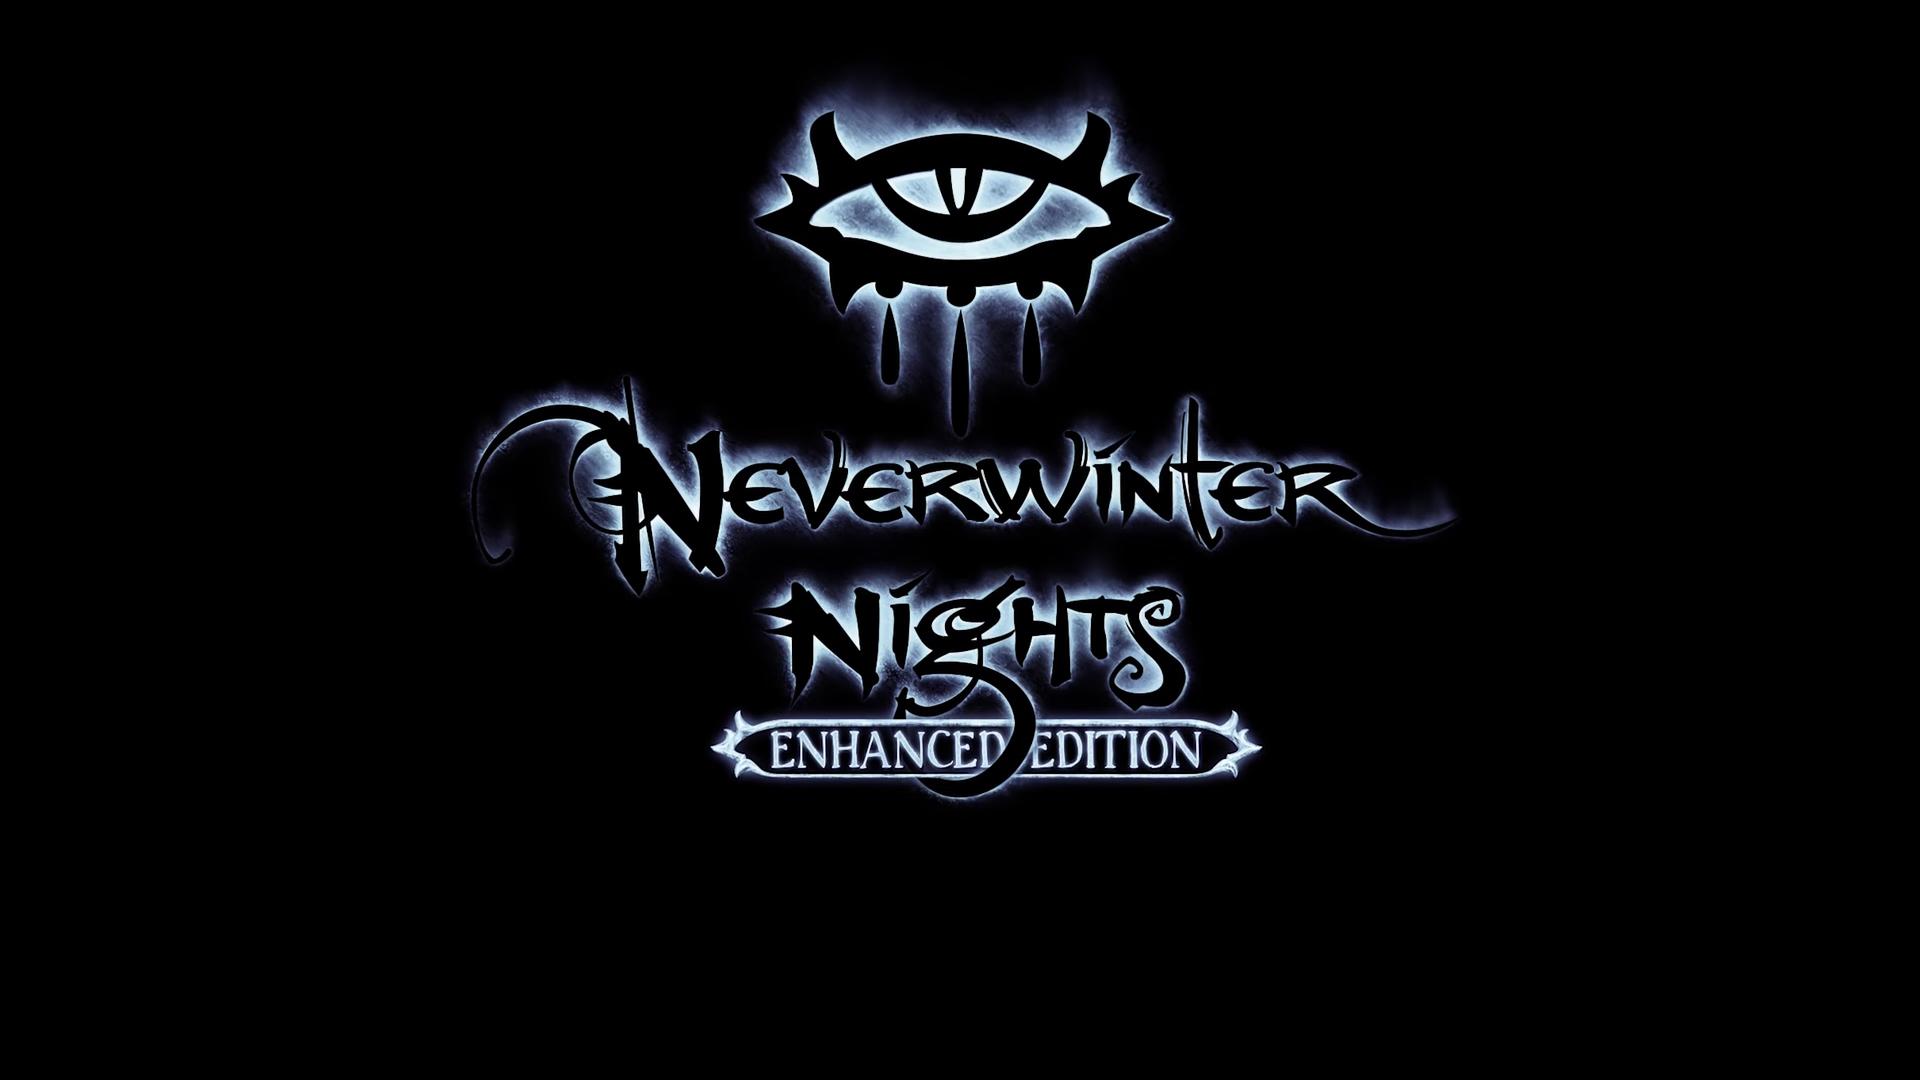 conoce-la-fecha-de-lanzamiento-de-neverwinter-nights-enhanced-edition-frikigamers.com